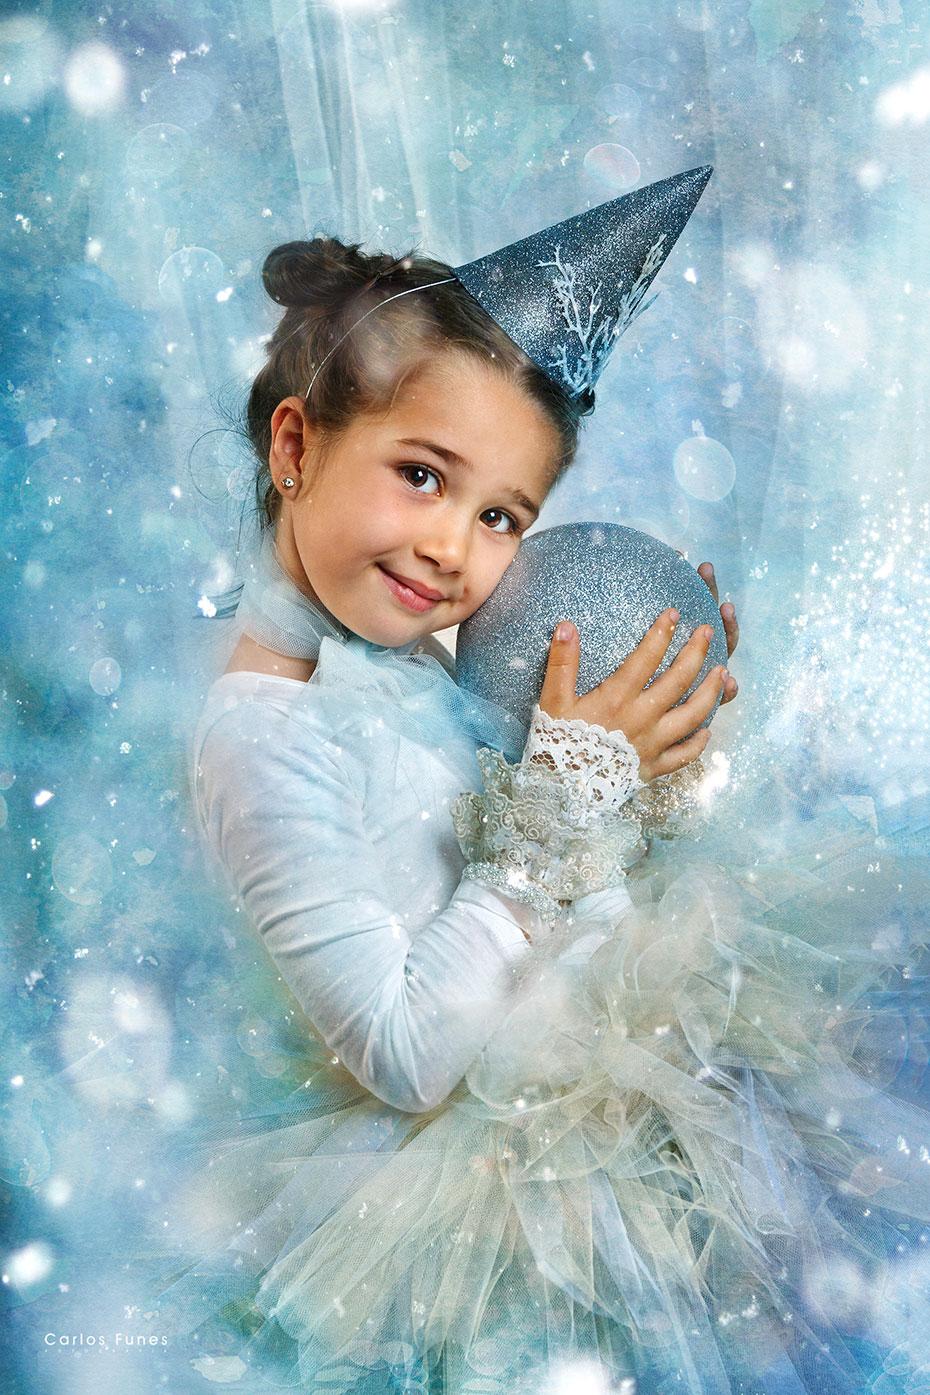 Felicitación de Navidad. Postal navideña infantil. Estudio Carlos Funes Granada. ©2018